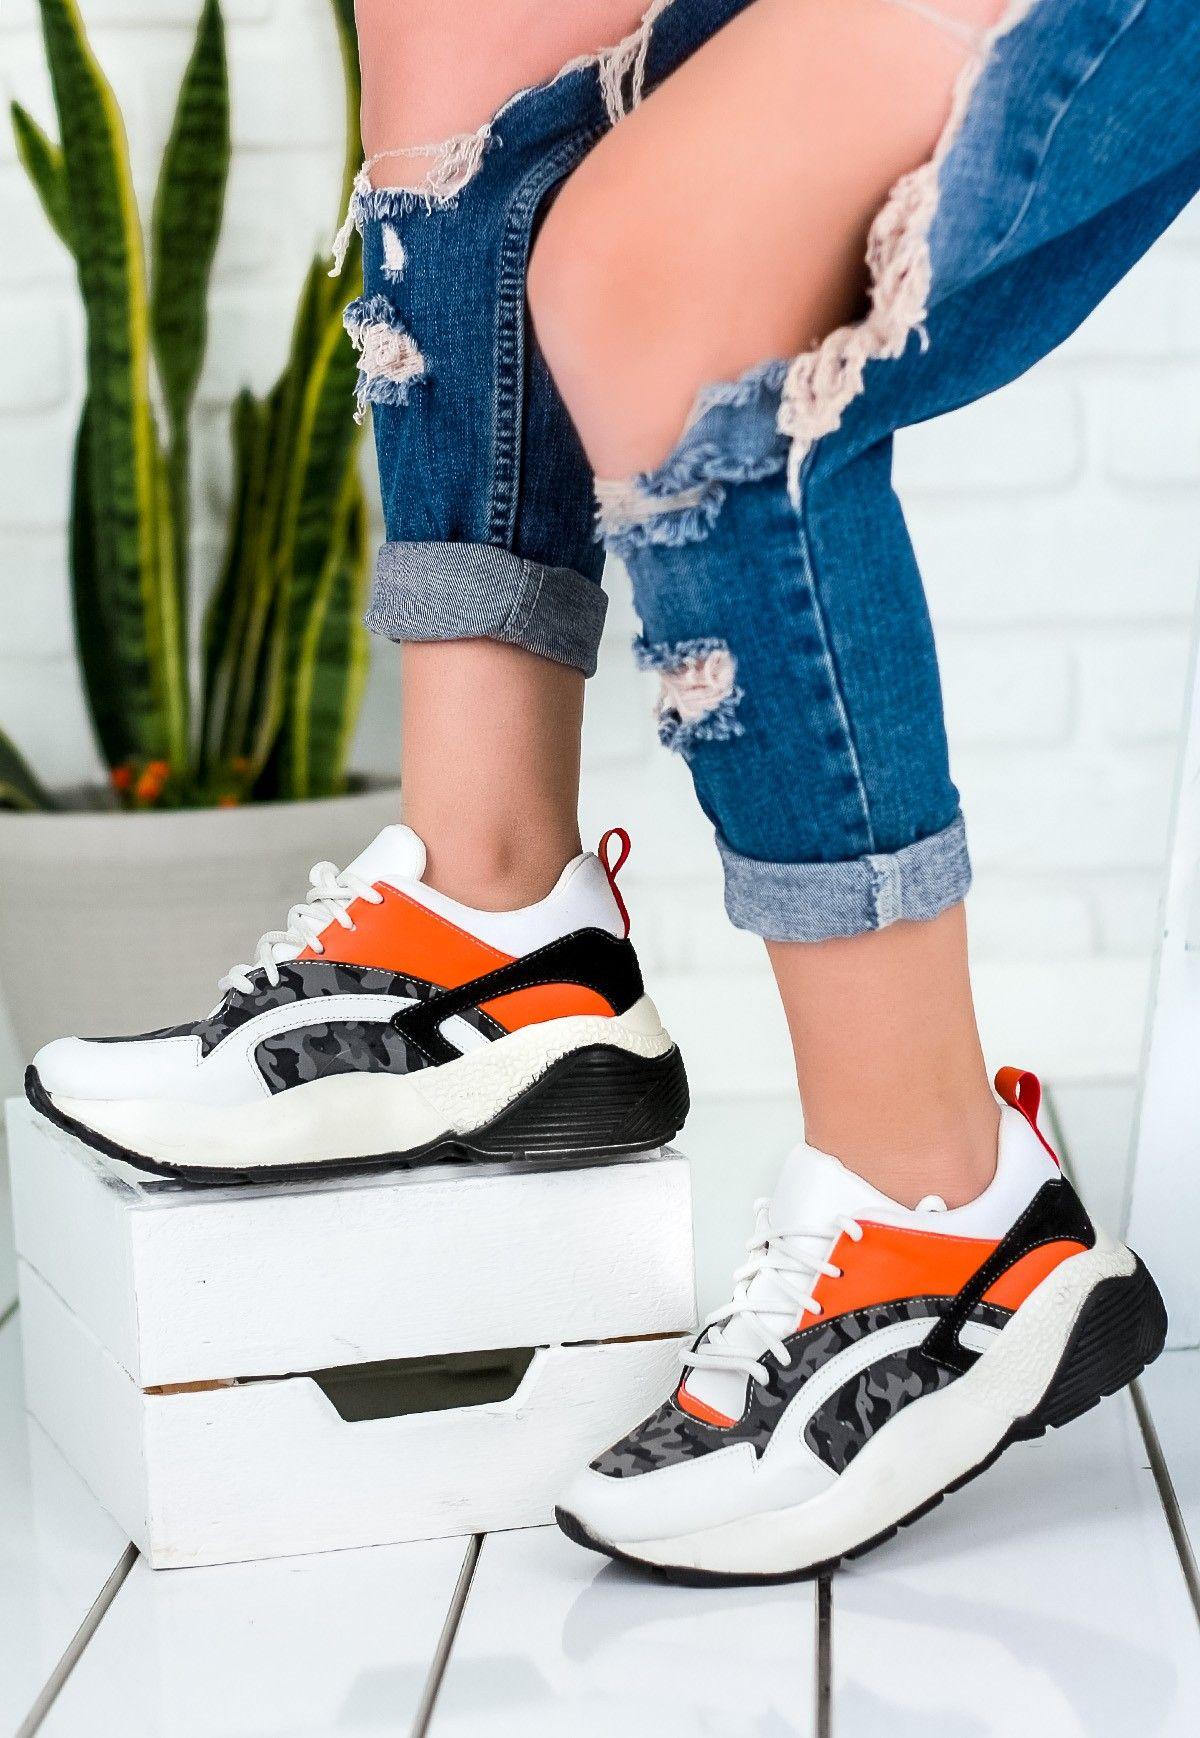 Bona Beyaz Cilt Turuncu Detayli Bayan Spor Ayakkabi Ayakkabilar Kadin Spor